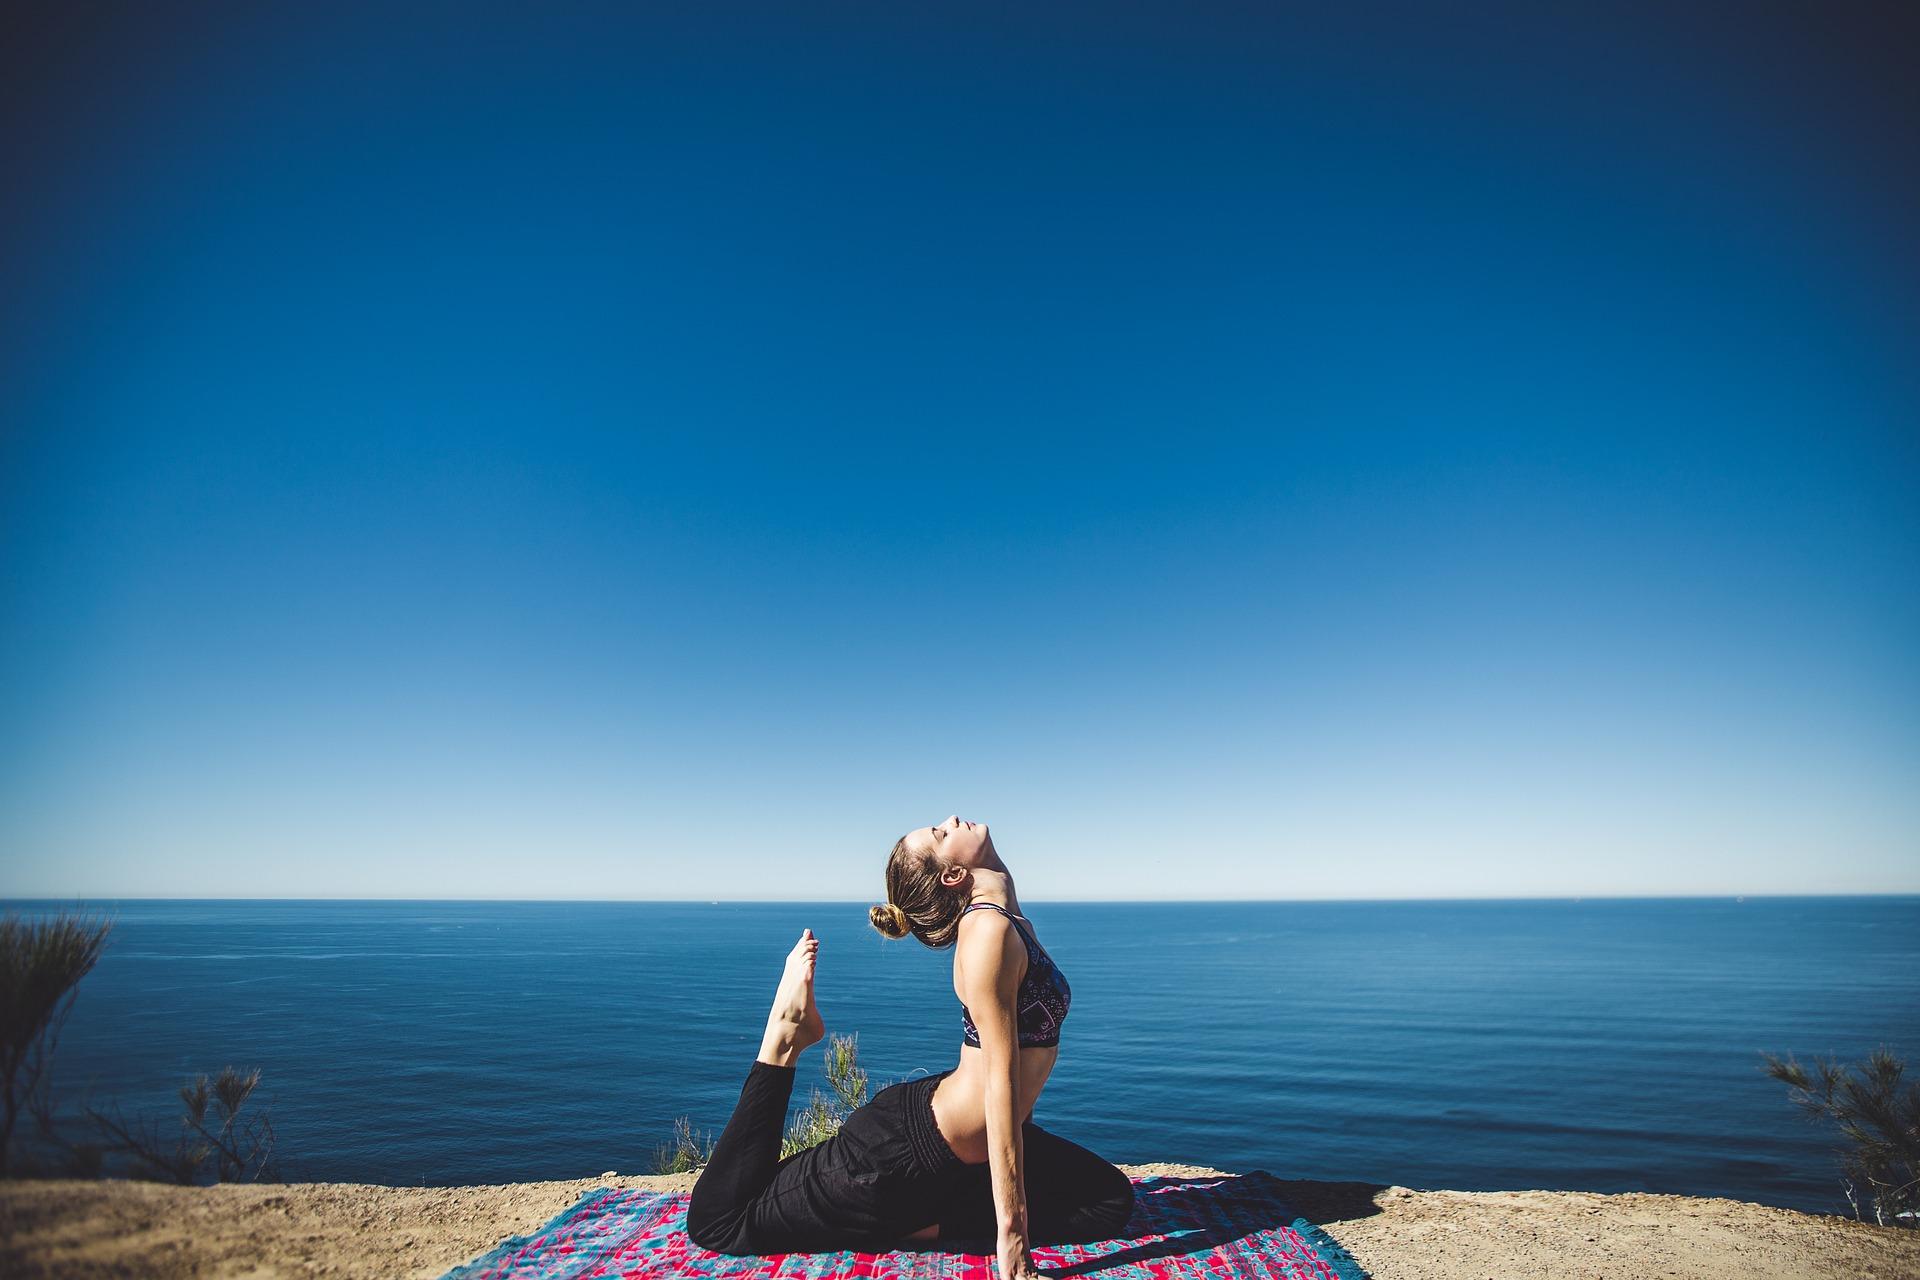 Vinyasa flow yoga, cos'è? Benefici della disciplina per dimagrire